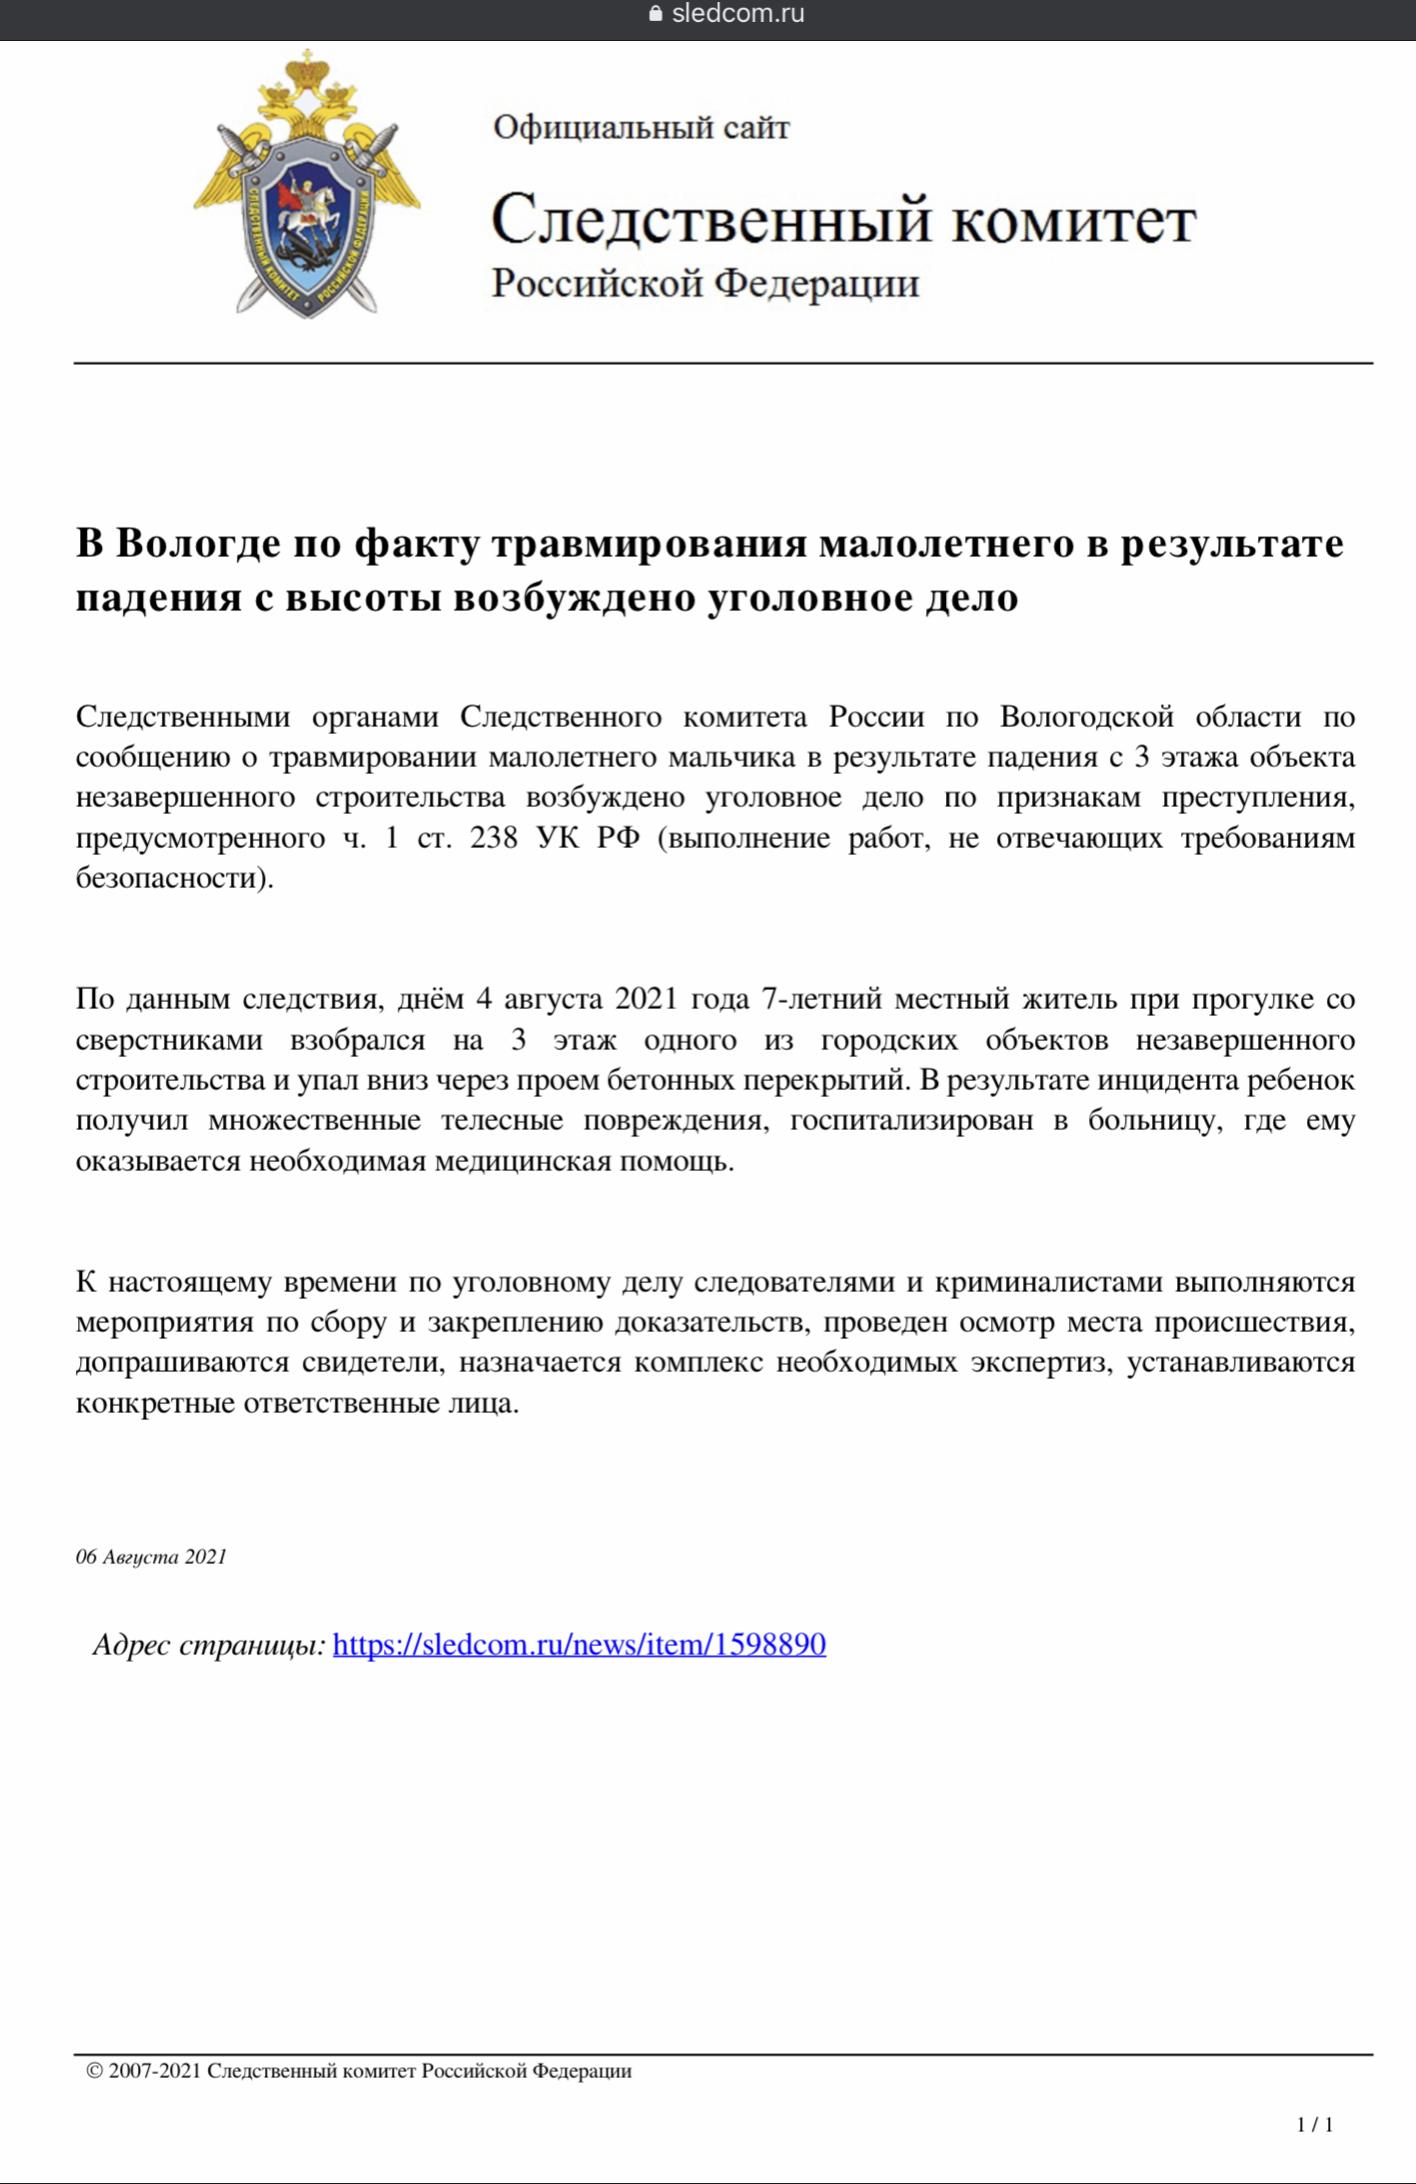 Опасный самострой в Череповце. От Кувшинникова до Германова (1).PNG